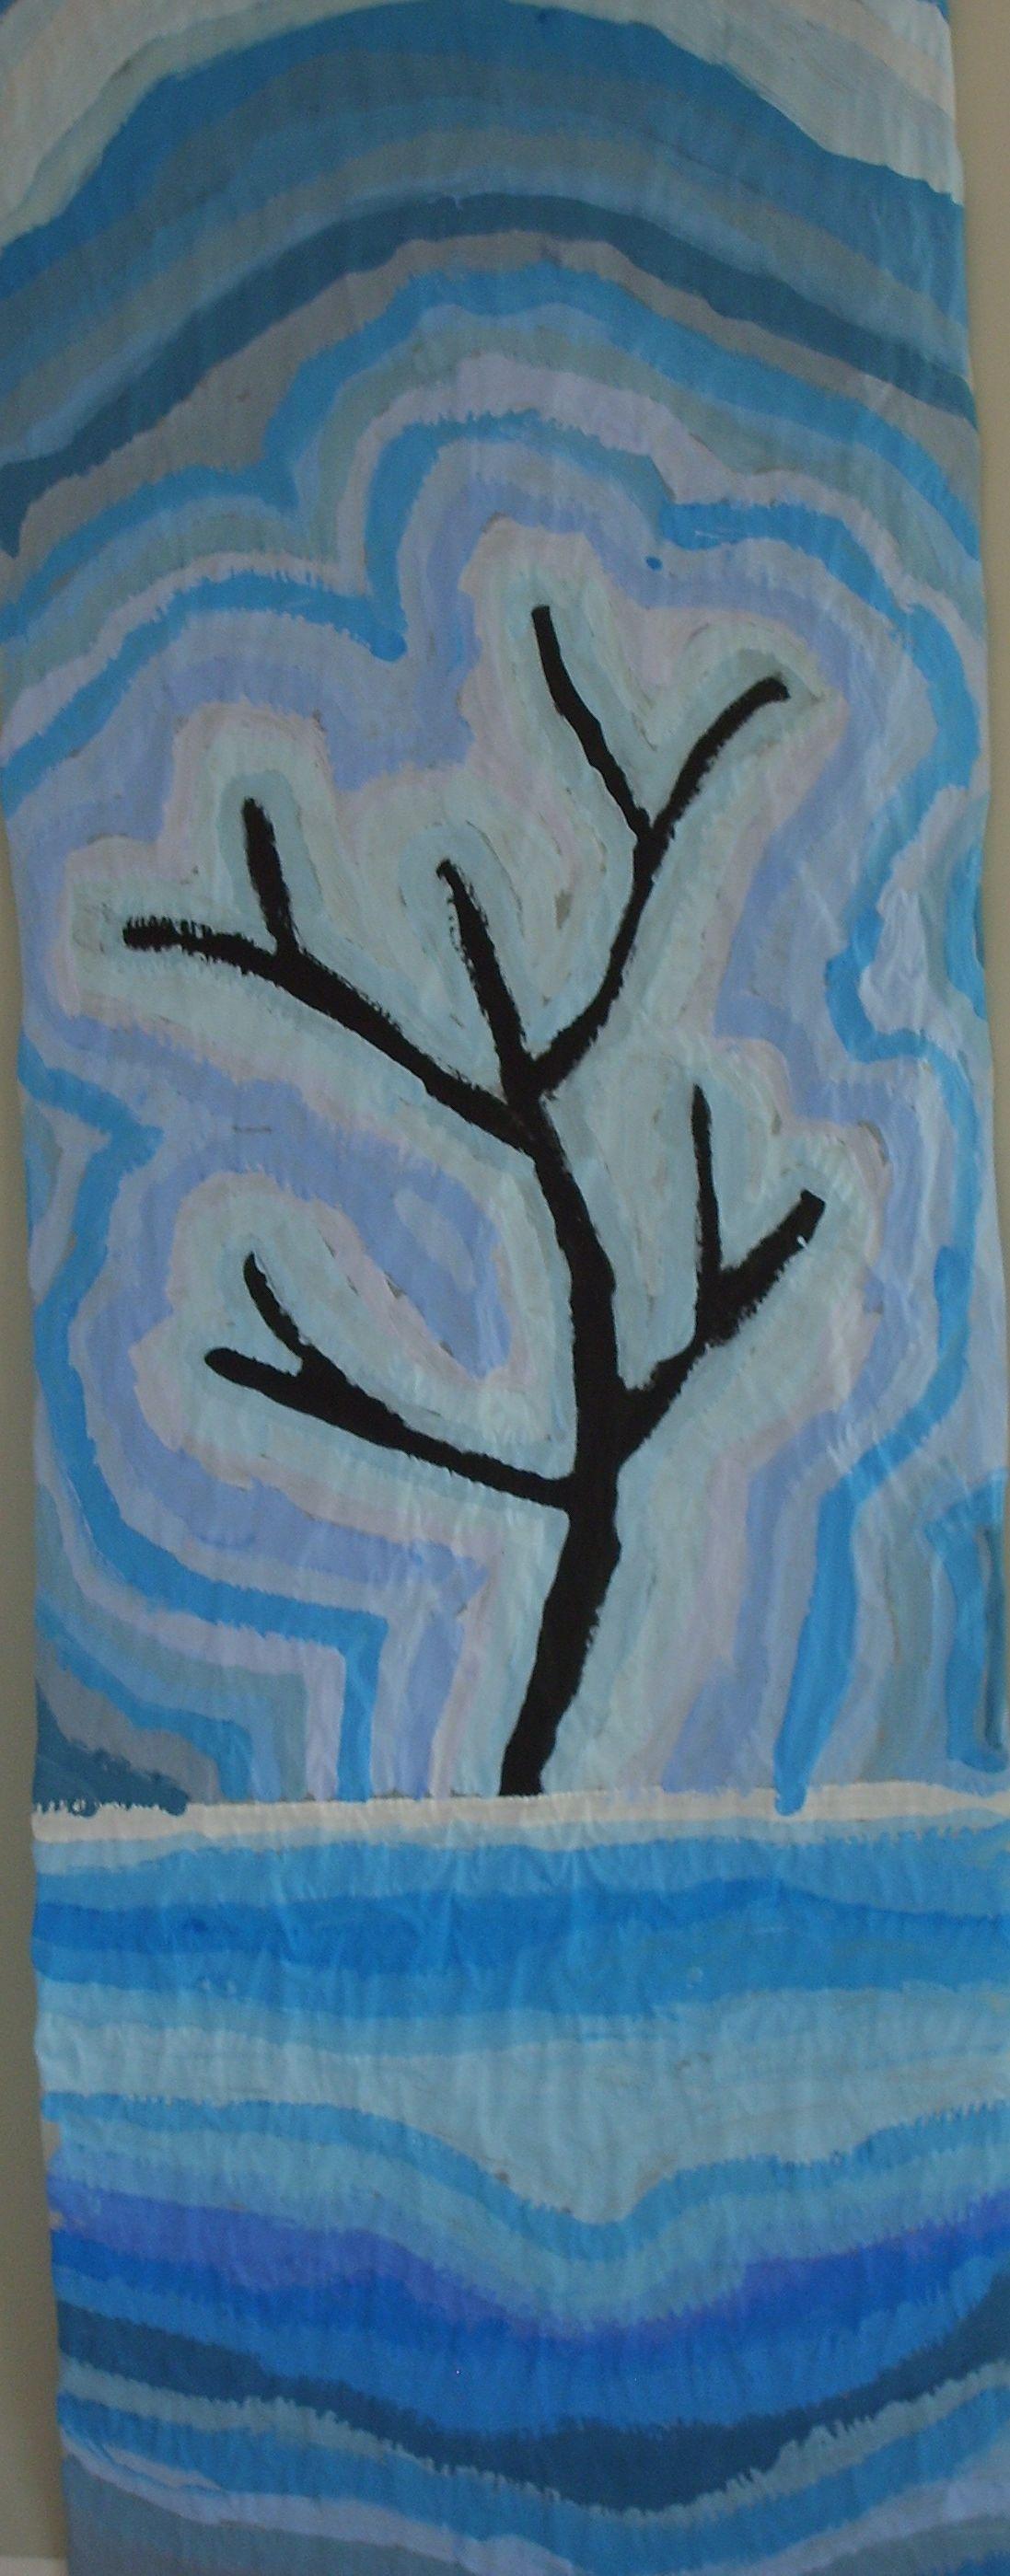 Arbre d 39 hiver arts visuels pinterest hiver arts for Art plastique peinture